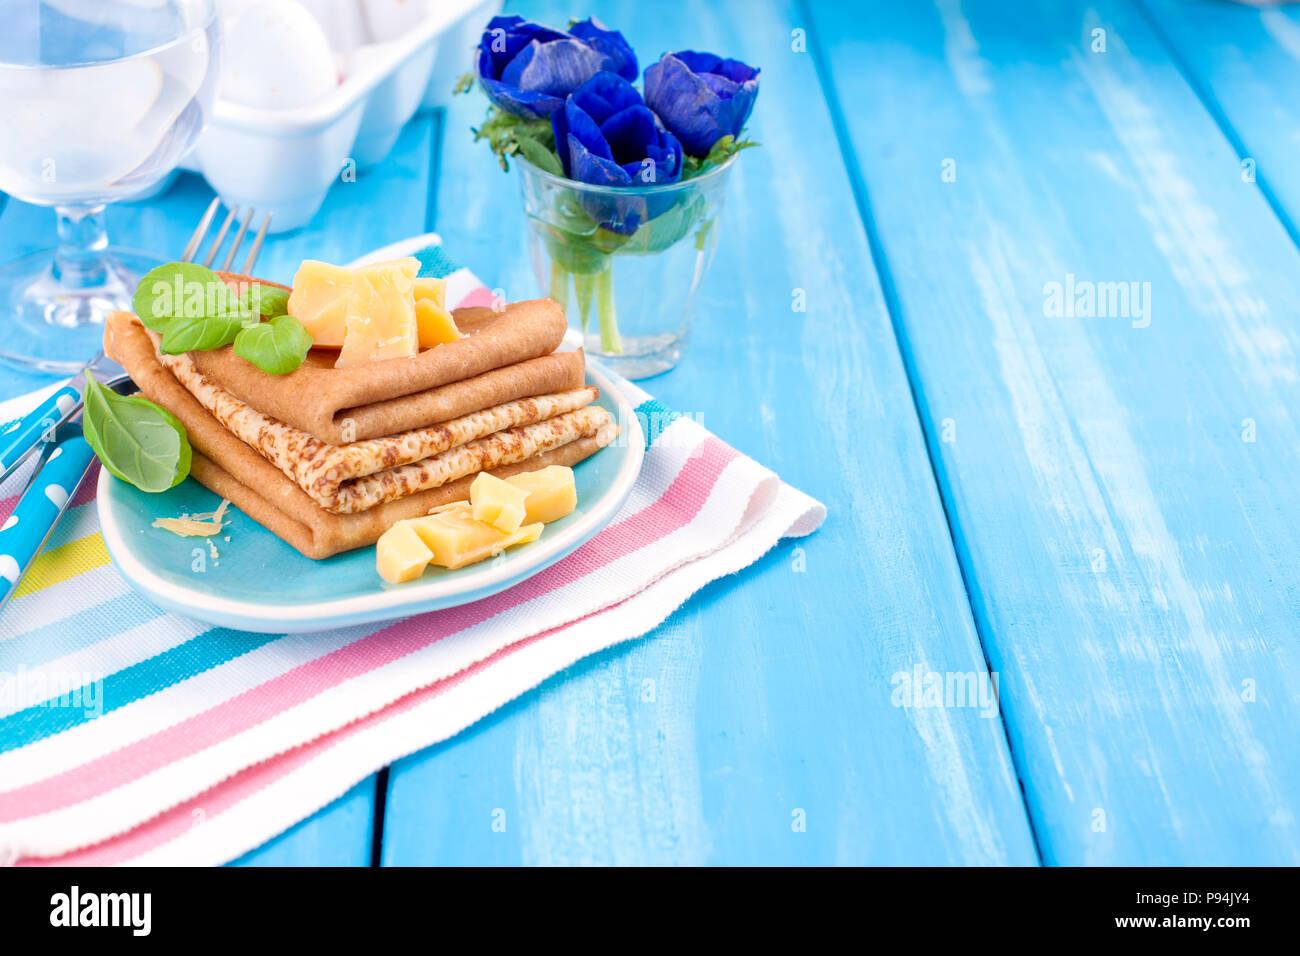 Crêpes maison traditionnelle avec du parmesan et du basilic pour le carnaval de printemps. Petit-déjeuner italien. Fleurs de tulipes. Fond bleu. Une place gratuite pour le texte ou une carte postale. Photo Stock